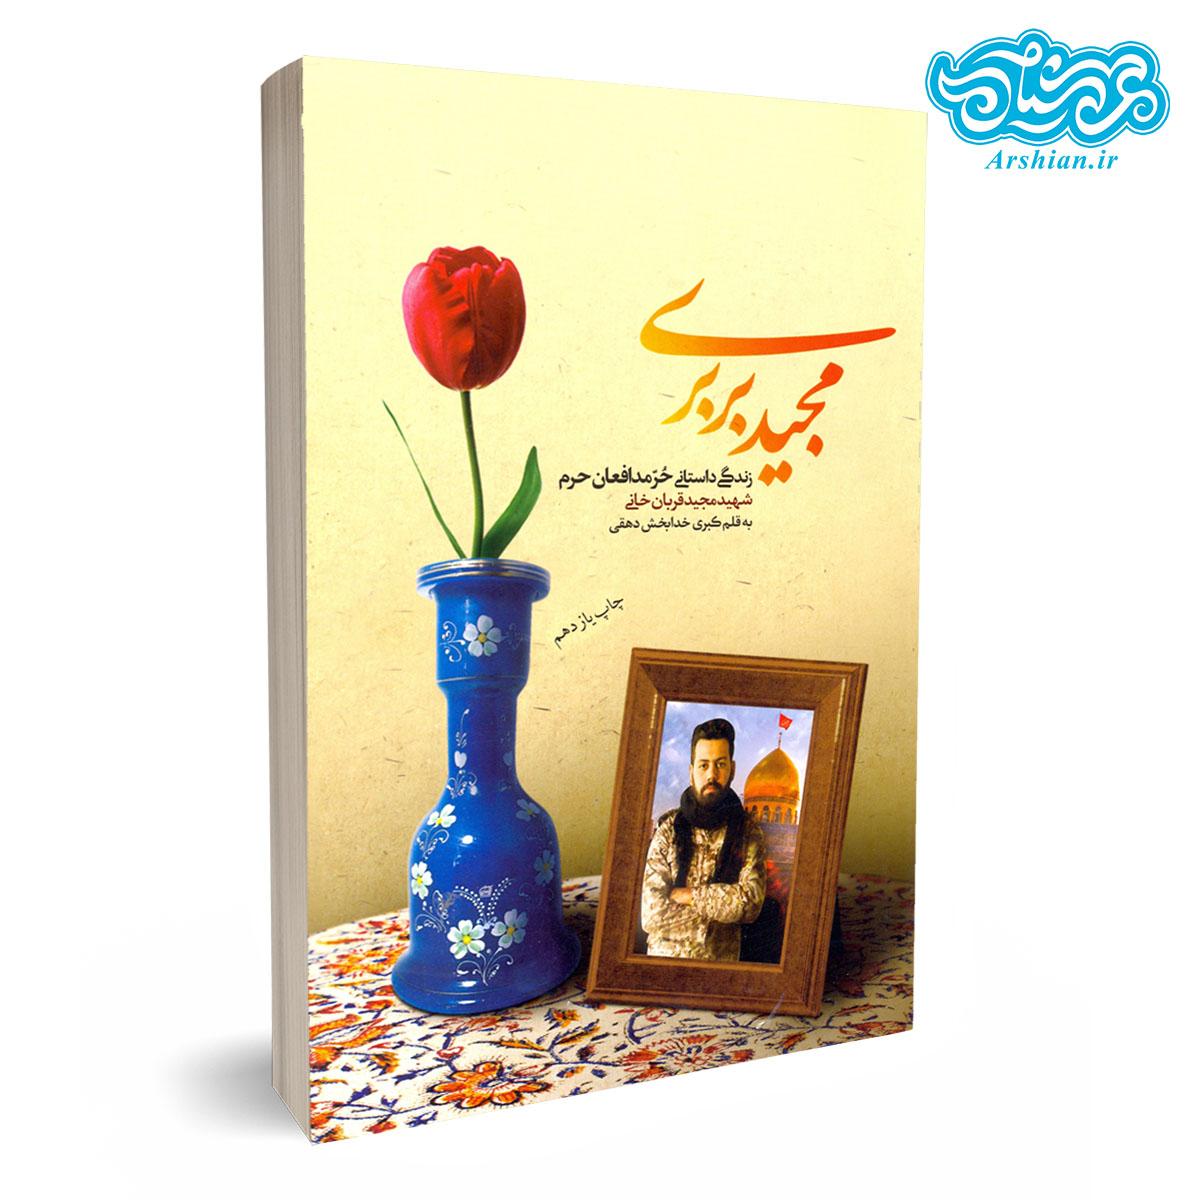 کتاب مجید بربری (پناه حرم) - زندگینامه داستانی شهید مدافع حرم مجید قربانخانی